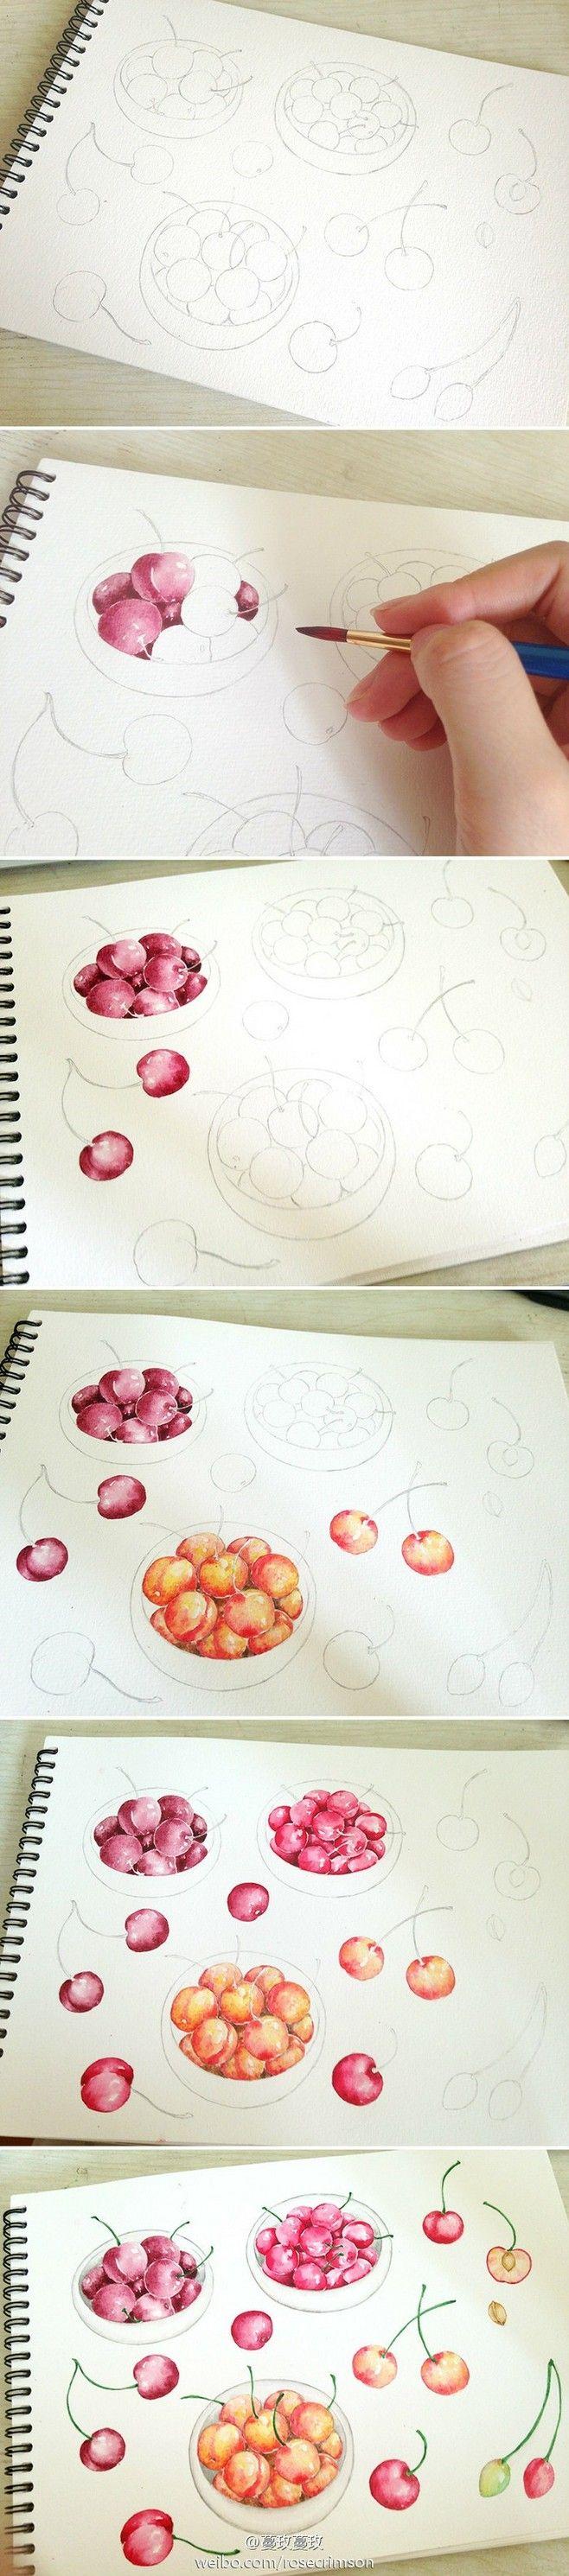 樱桃。算是水彩教程吗。。。@没有不高兴的没头脑采集到我们一起来画画吧~(373图)_花瓣插画